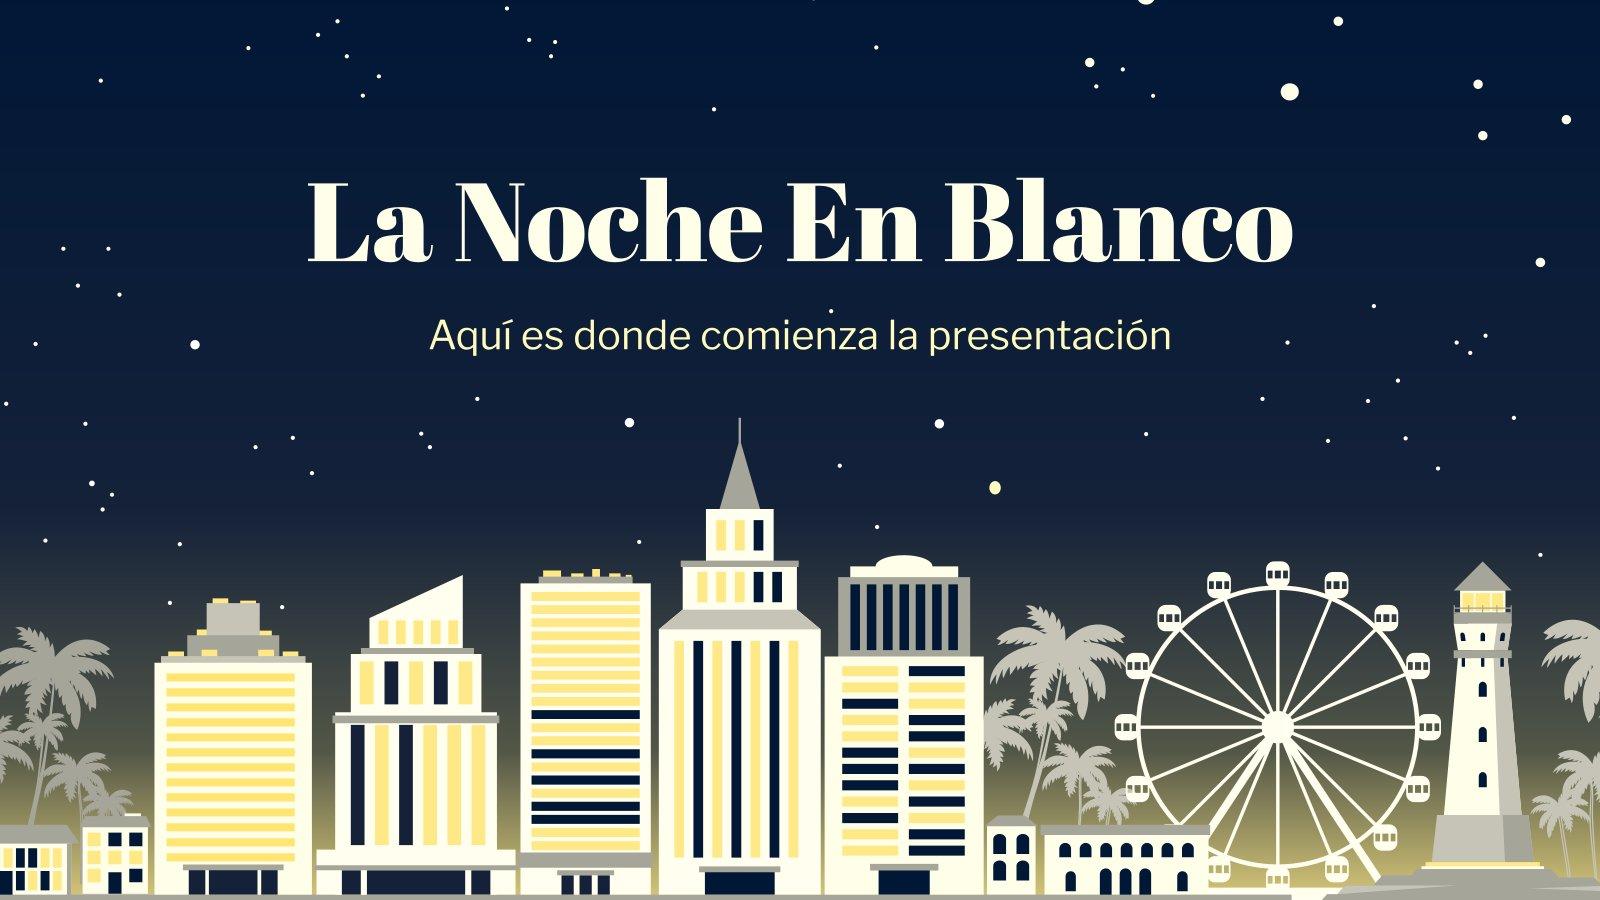 La Noche En Blanco presentation template